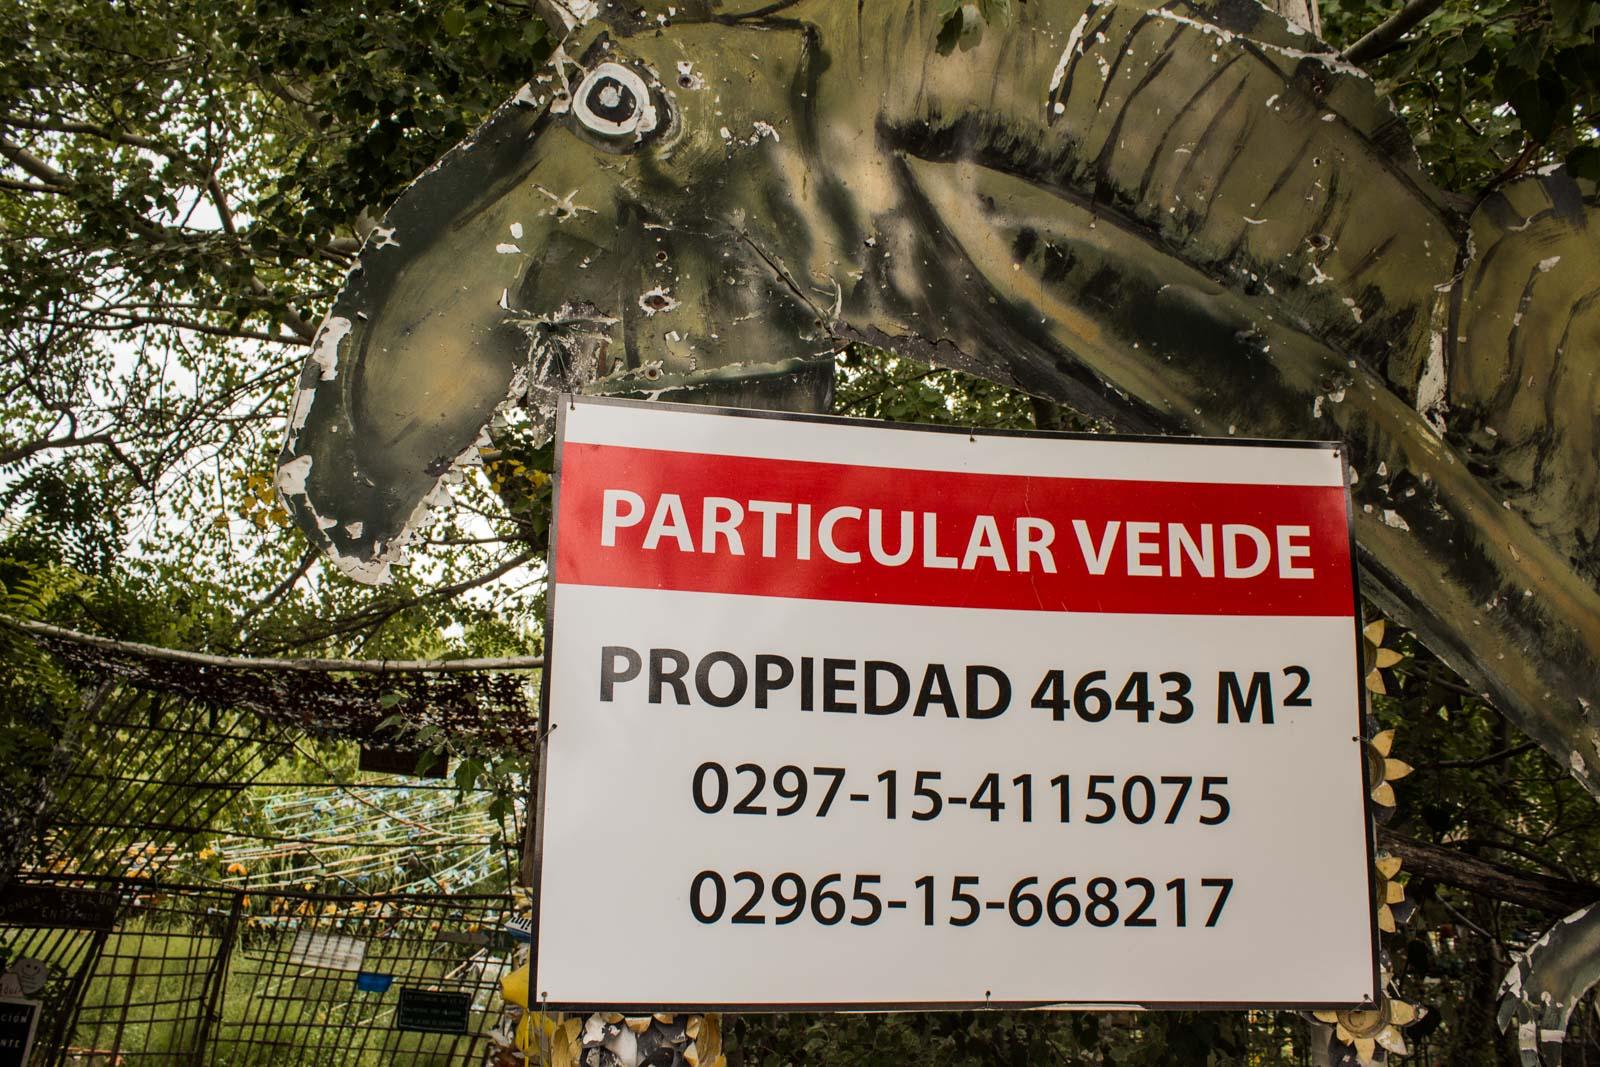 Parque El Desafio, Gaiman, Argentina